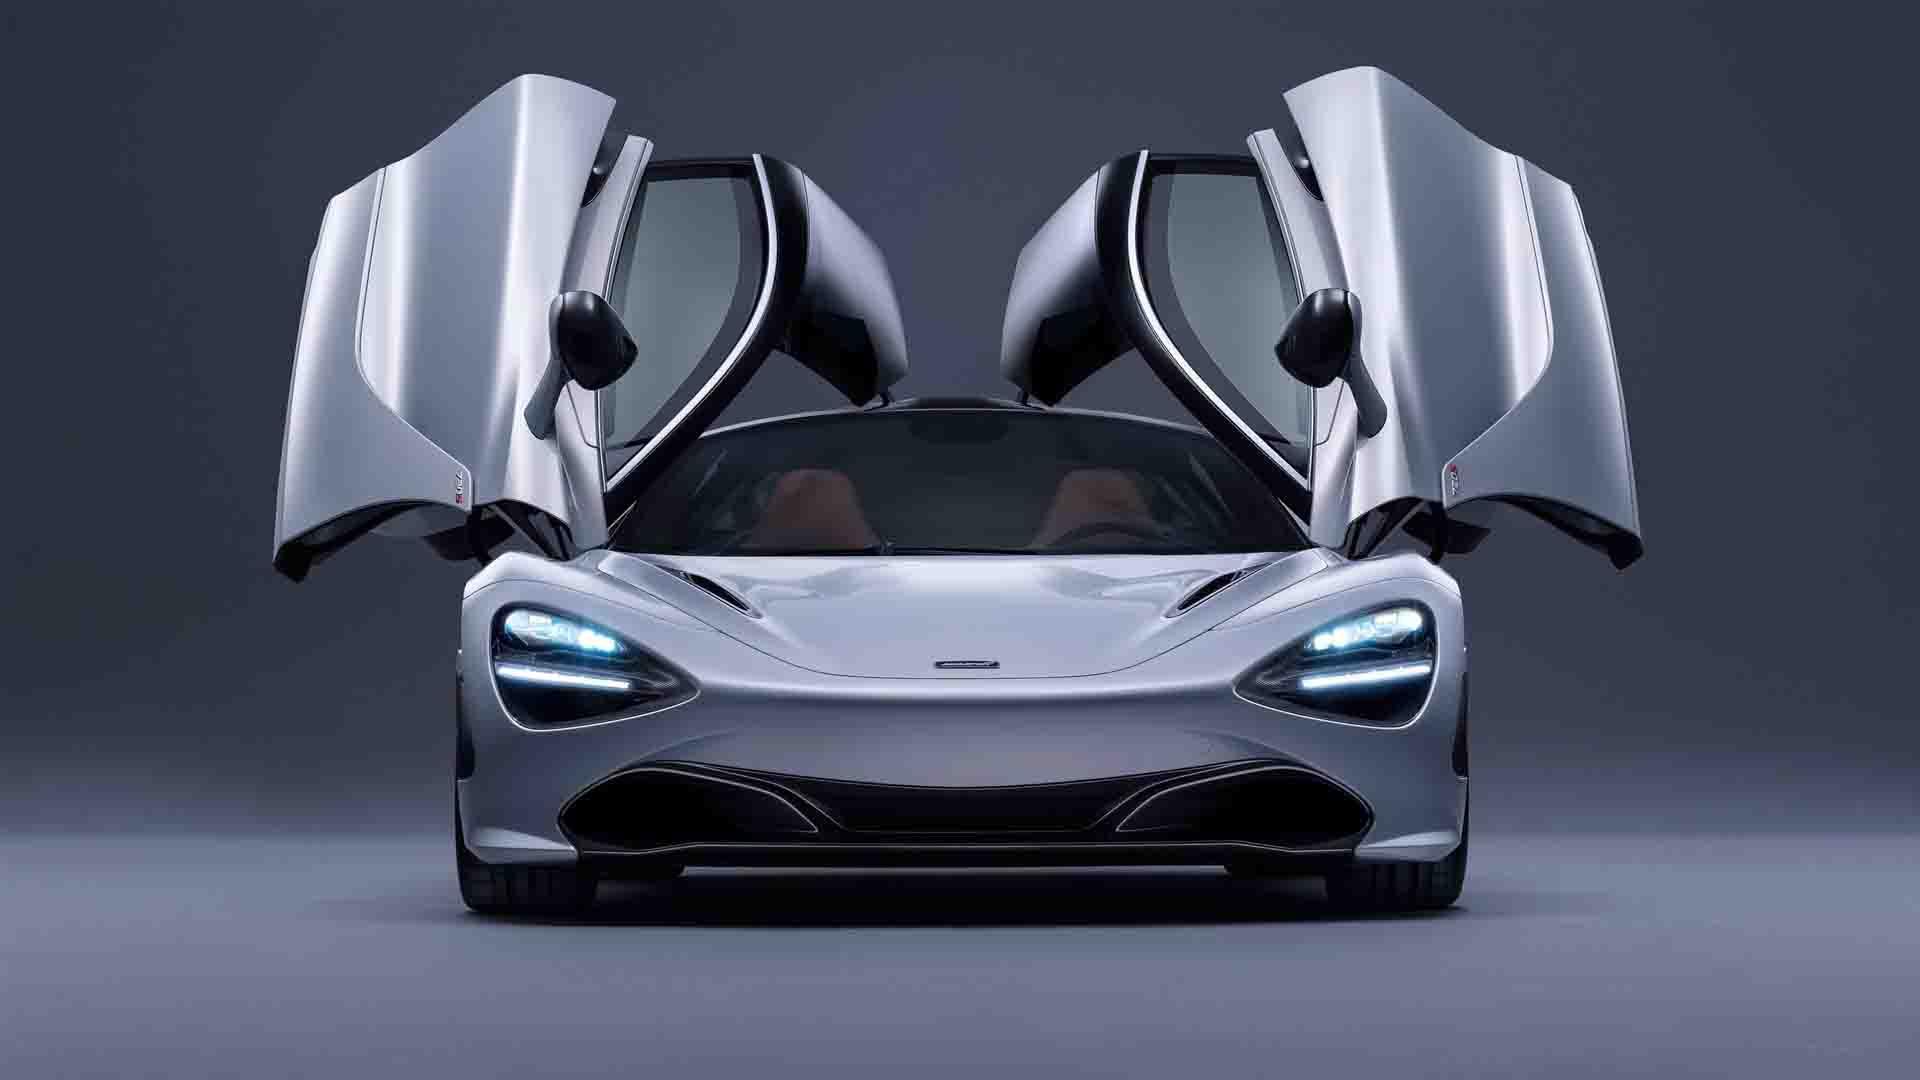 McLaren 720s Rental Dubai